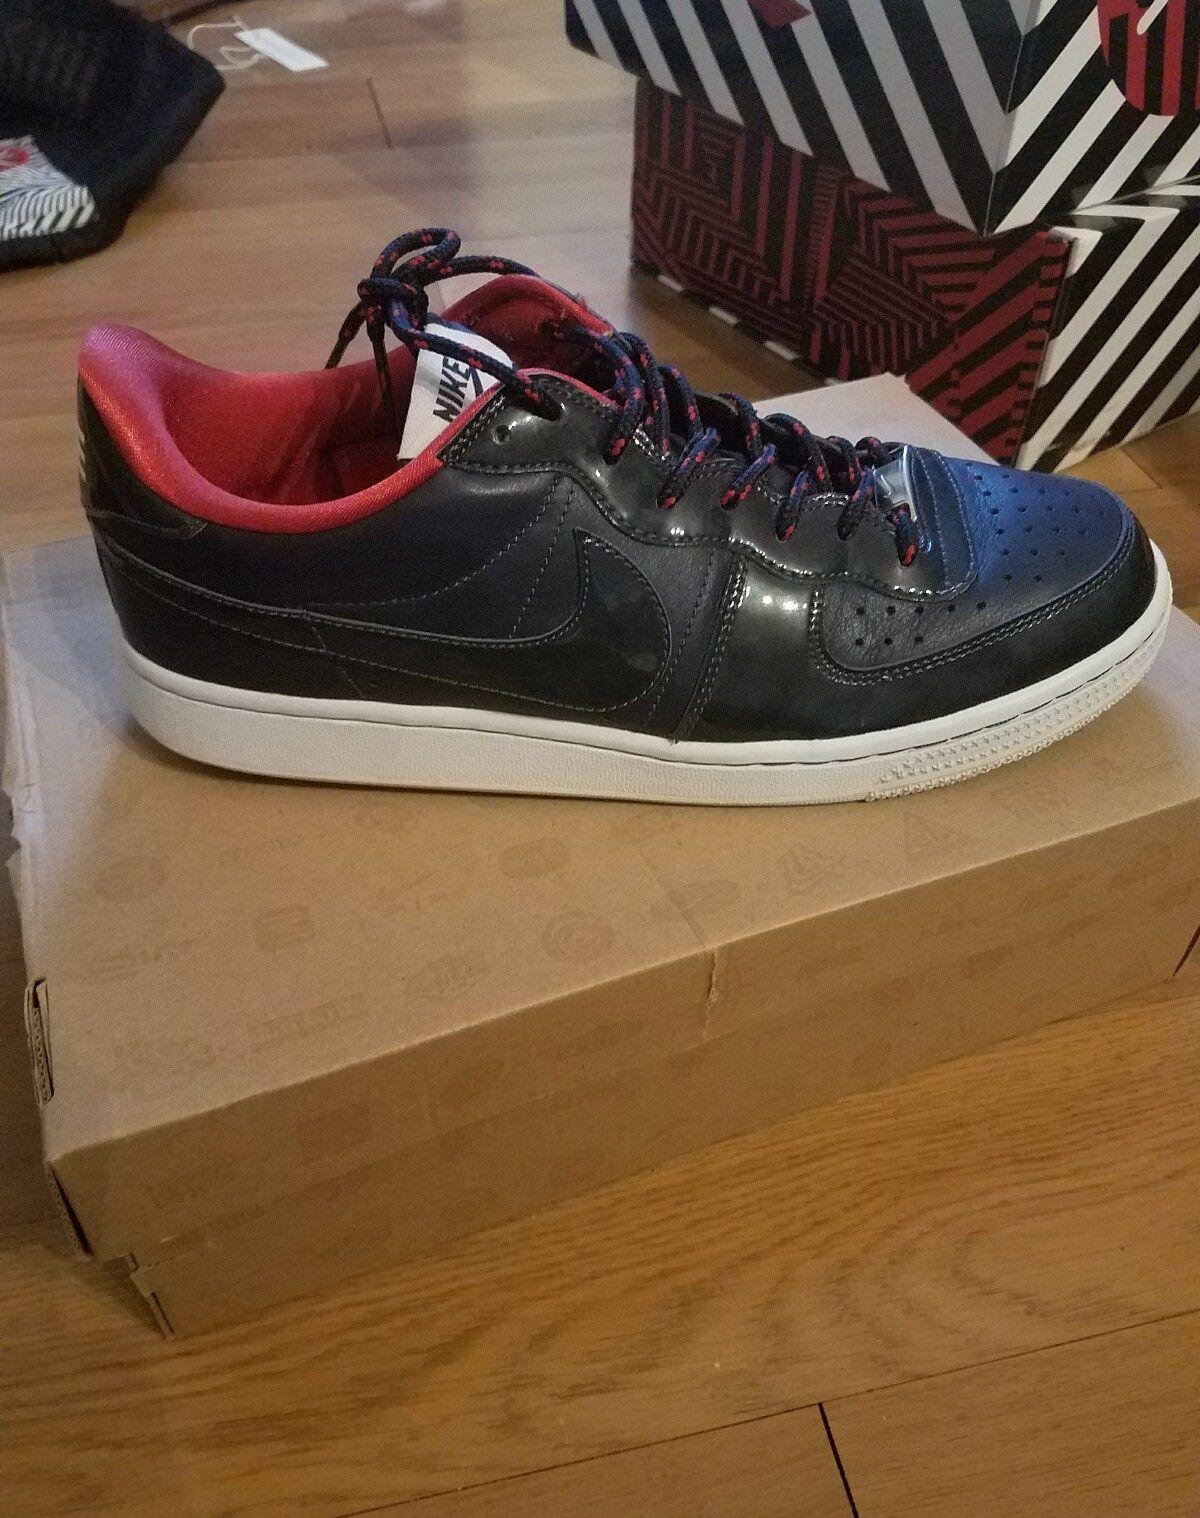 Nike Low Top Legend Men Shoes Comfortable